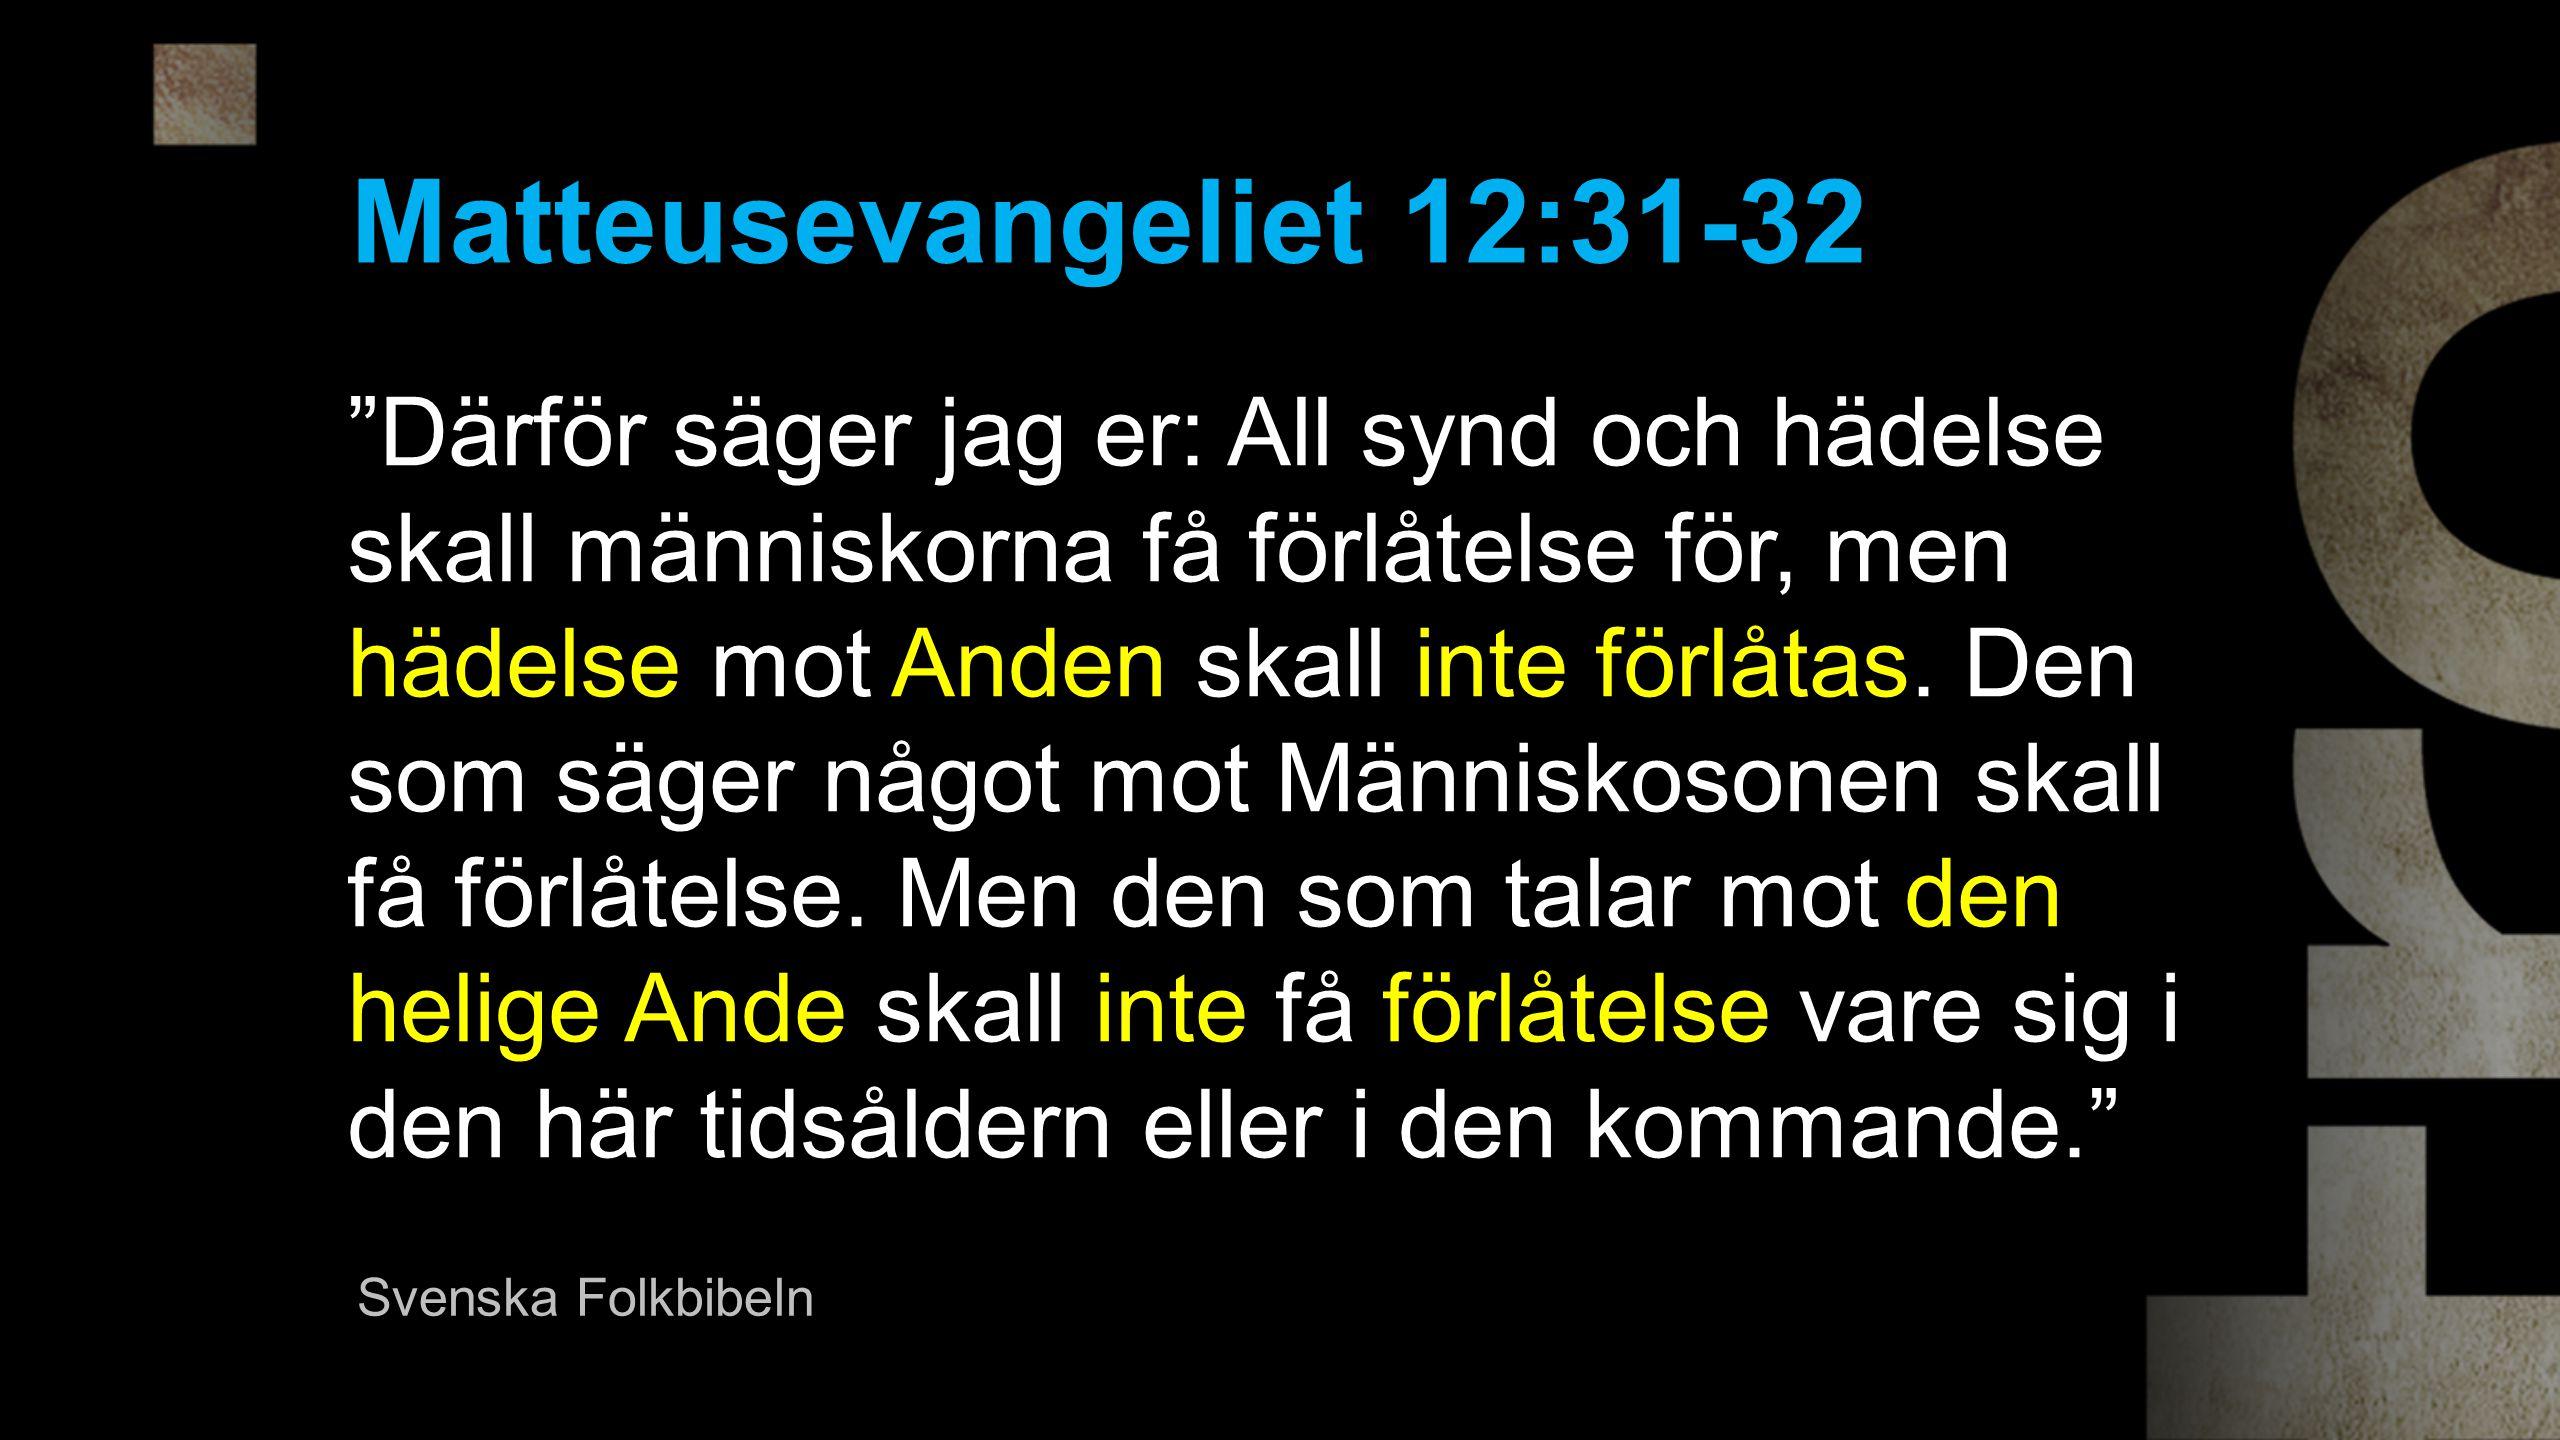 Matteusevangeliet 12:31-32